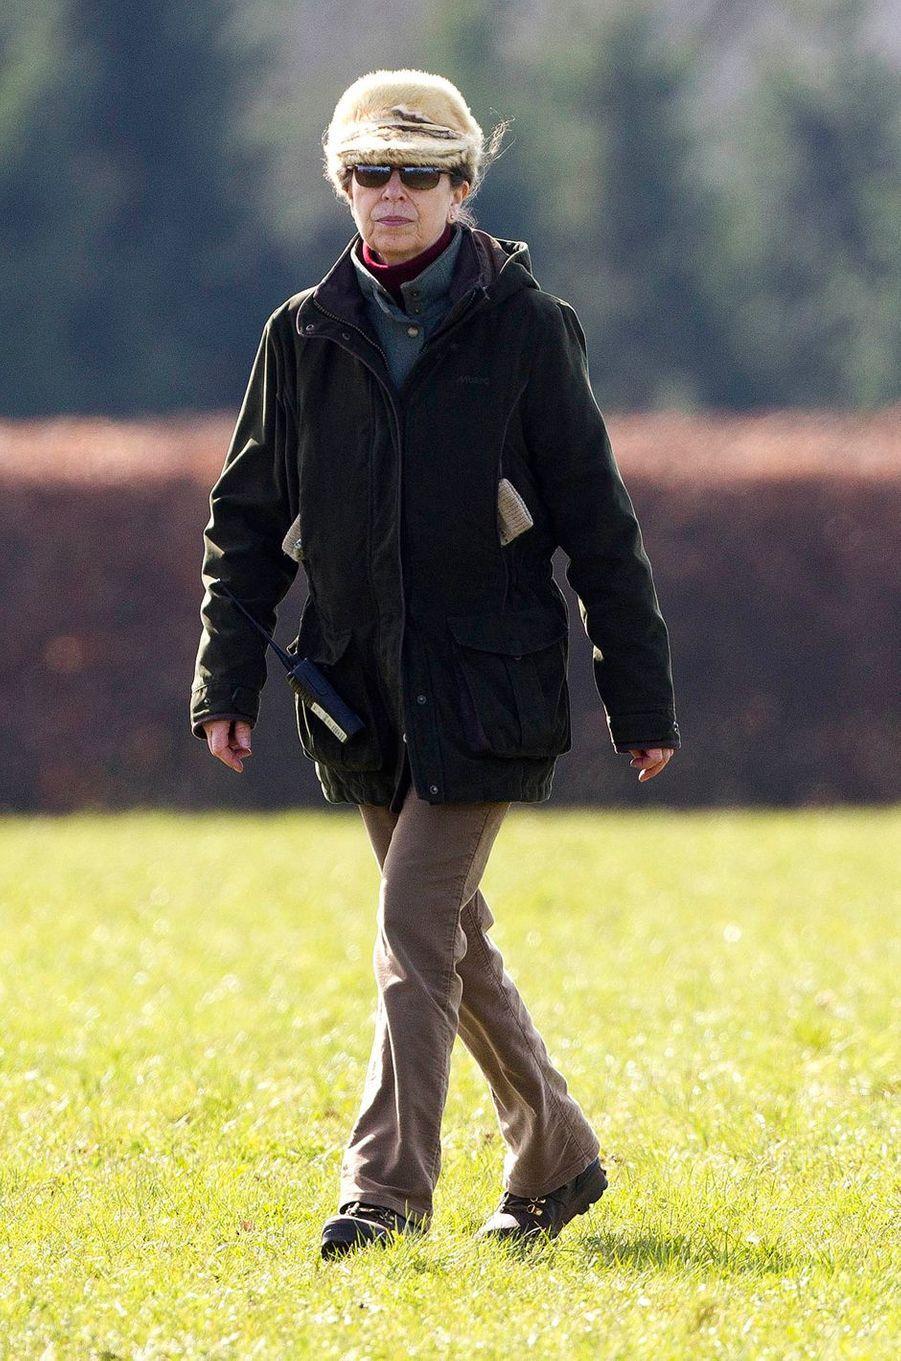 La princesse Anne à Gatcombe Park, le 25 mars 2017